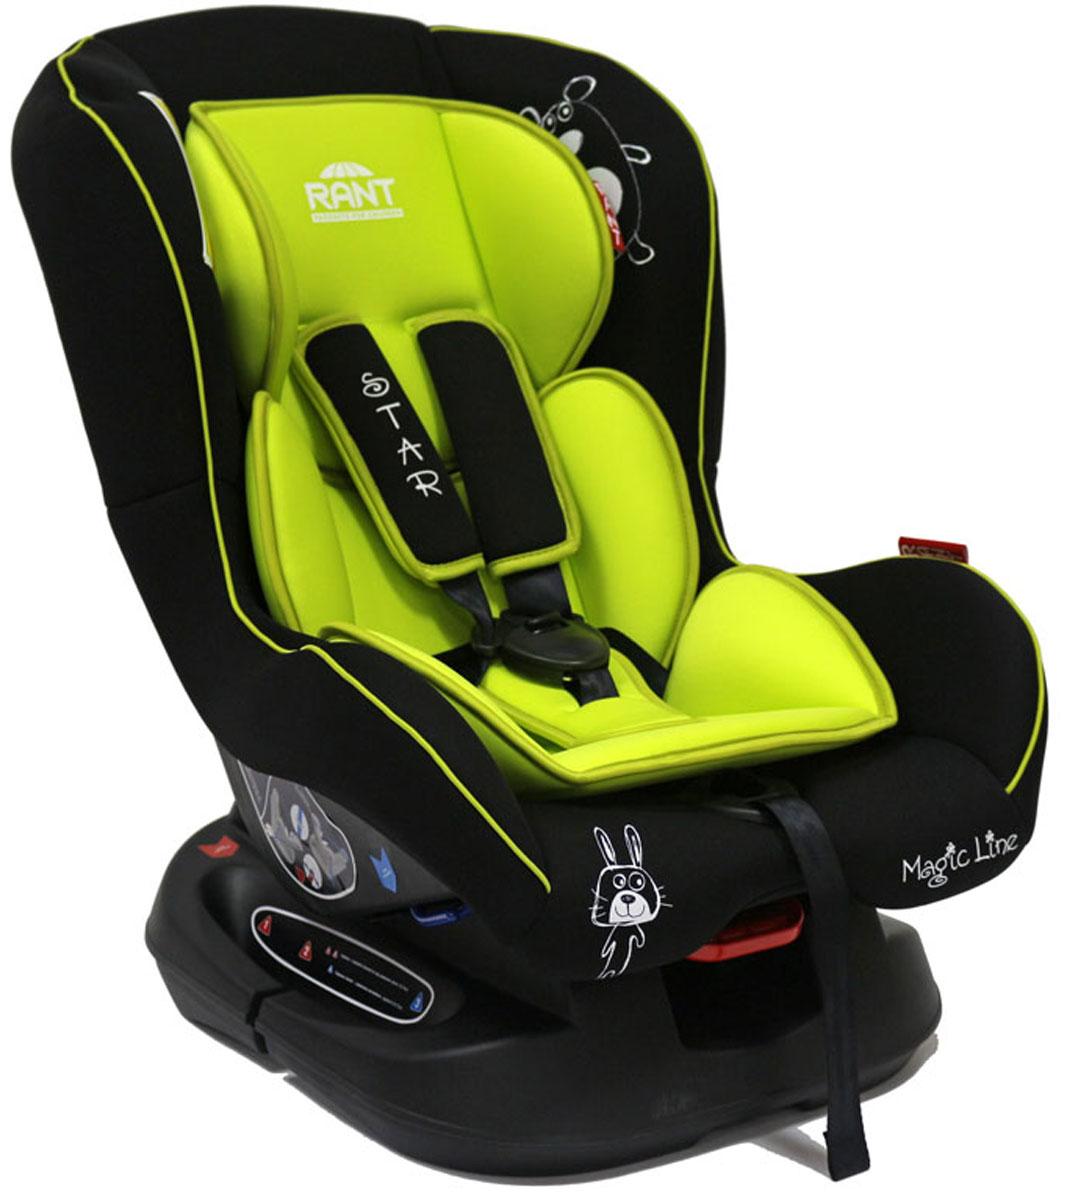 Rant Автокресло Star цвет салатовый до 18 кг4630008876718Детское автокресло Rant Star предназначено для детей с рождения и до 18 кг (приблизительно до 4-х лет). Автокресло может устанавливаться как по ходу движения, так и против хода движения. Для новорожденного малыша (0+, 9 кг) автокресло фиксируется в автомобиле против хода движения (лицом назад) пока малыш научится хорошо сидеть. С 7-8 месяцев автокресло фиксируется лицом вперед и эксплуатируется приблизительно до 4-х лет (9+, 18 кг). Особенности: Удобное сидение анатомической формы с мягким матрасиком делает кресло удобным, комфортным и безопасным для малышей. Усиленная мягкая боковая защита обеспечит безопасность и защитит ребенка от ударов при боковых столкновениях. Спинка автокресла имеет регулировку наклона в 3-х положениях. Положение наклона спинки автокресла для комфортного сна в длительных поездках легко регулируются одной рукой при помощи специального рычажка, расположенного в передней части автокресла под чехлом. Автокресло оснащено 5-ти точечными ремнями безопасности с...